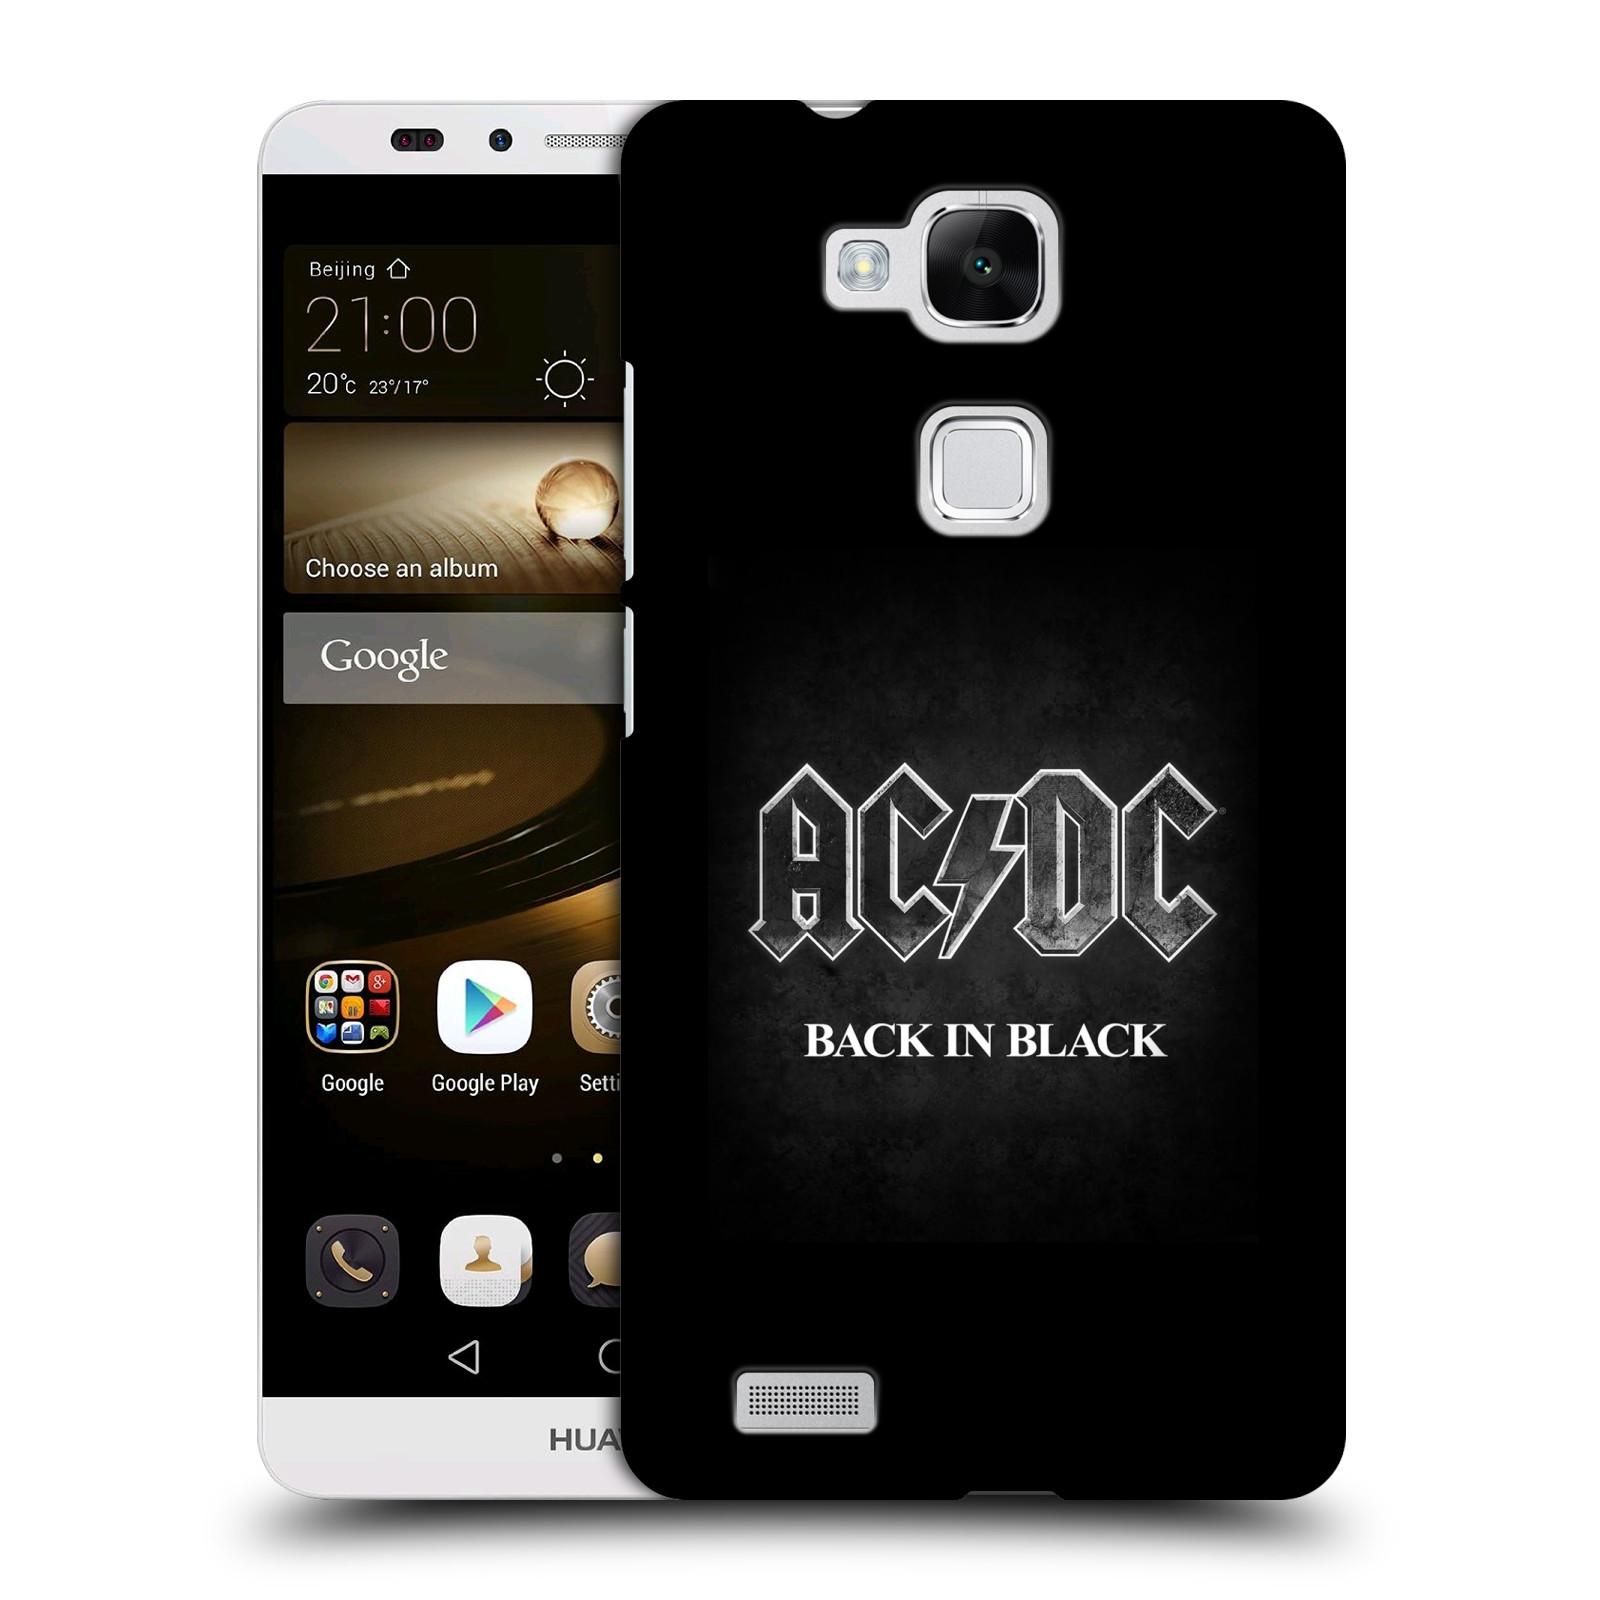 Plastové pouzdro na mobil Huawei Ascend Mate 7 HEAD CASE AC/DC BACK IN BLACK (Plastový kryt či obal na mobilní telefon s oficiálním motivem australské skupiny AC/DC pro Huawei Ascend Mate7)